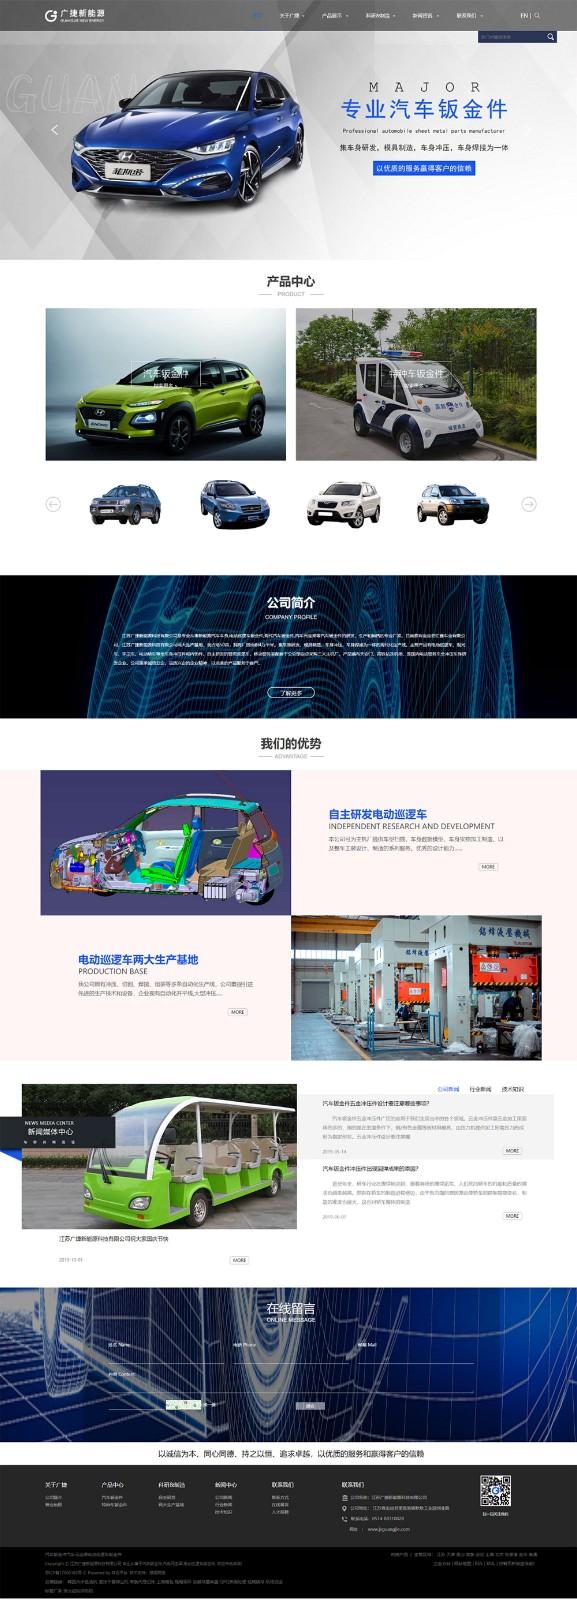 江苏广捷新能源科技有限公司